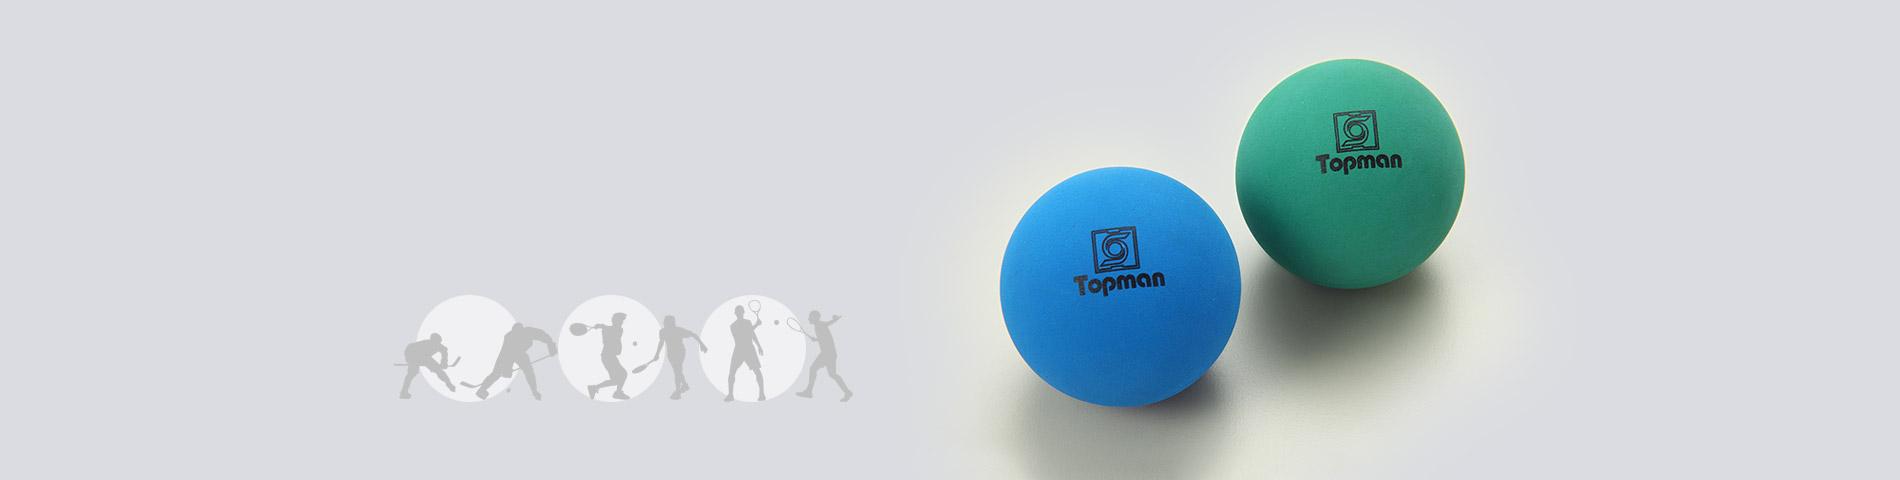 IJshockey, racketballen,    Racquetballs &    Meer aangepaste ballen